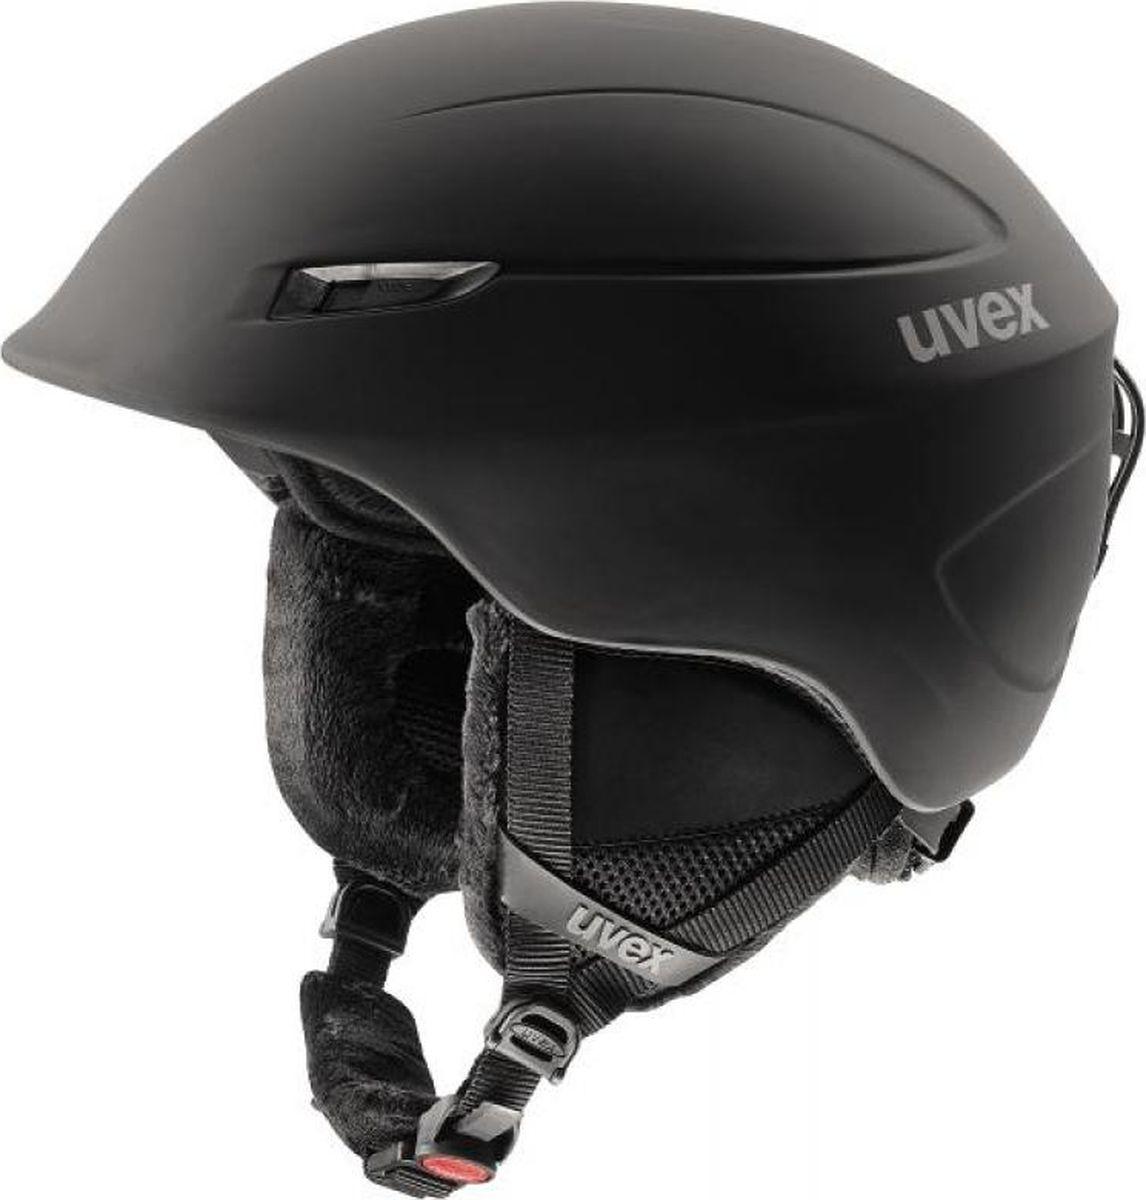 Шлем горнолыжный Uvex Oversize Helmet, цвет: черный матовый. Размер 60/646219Зимний шлем большого размера. -Съемные вкладыши для ушей-Антиаллергенный вкладыш-Закрывающаяся вентиляционная система-Фиксатор головы-Съемная подкладка,